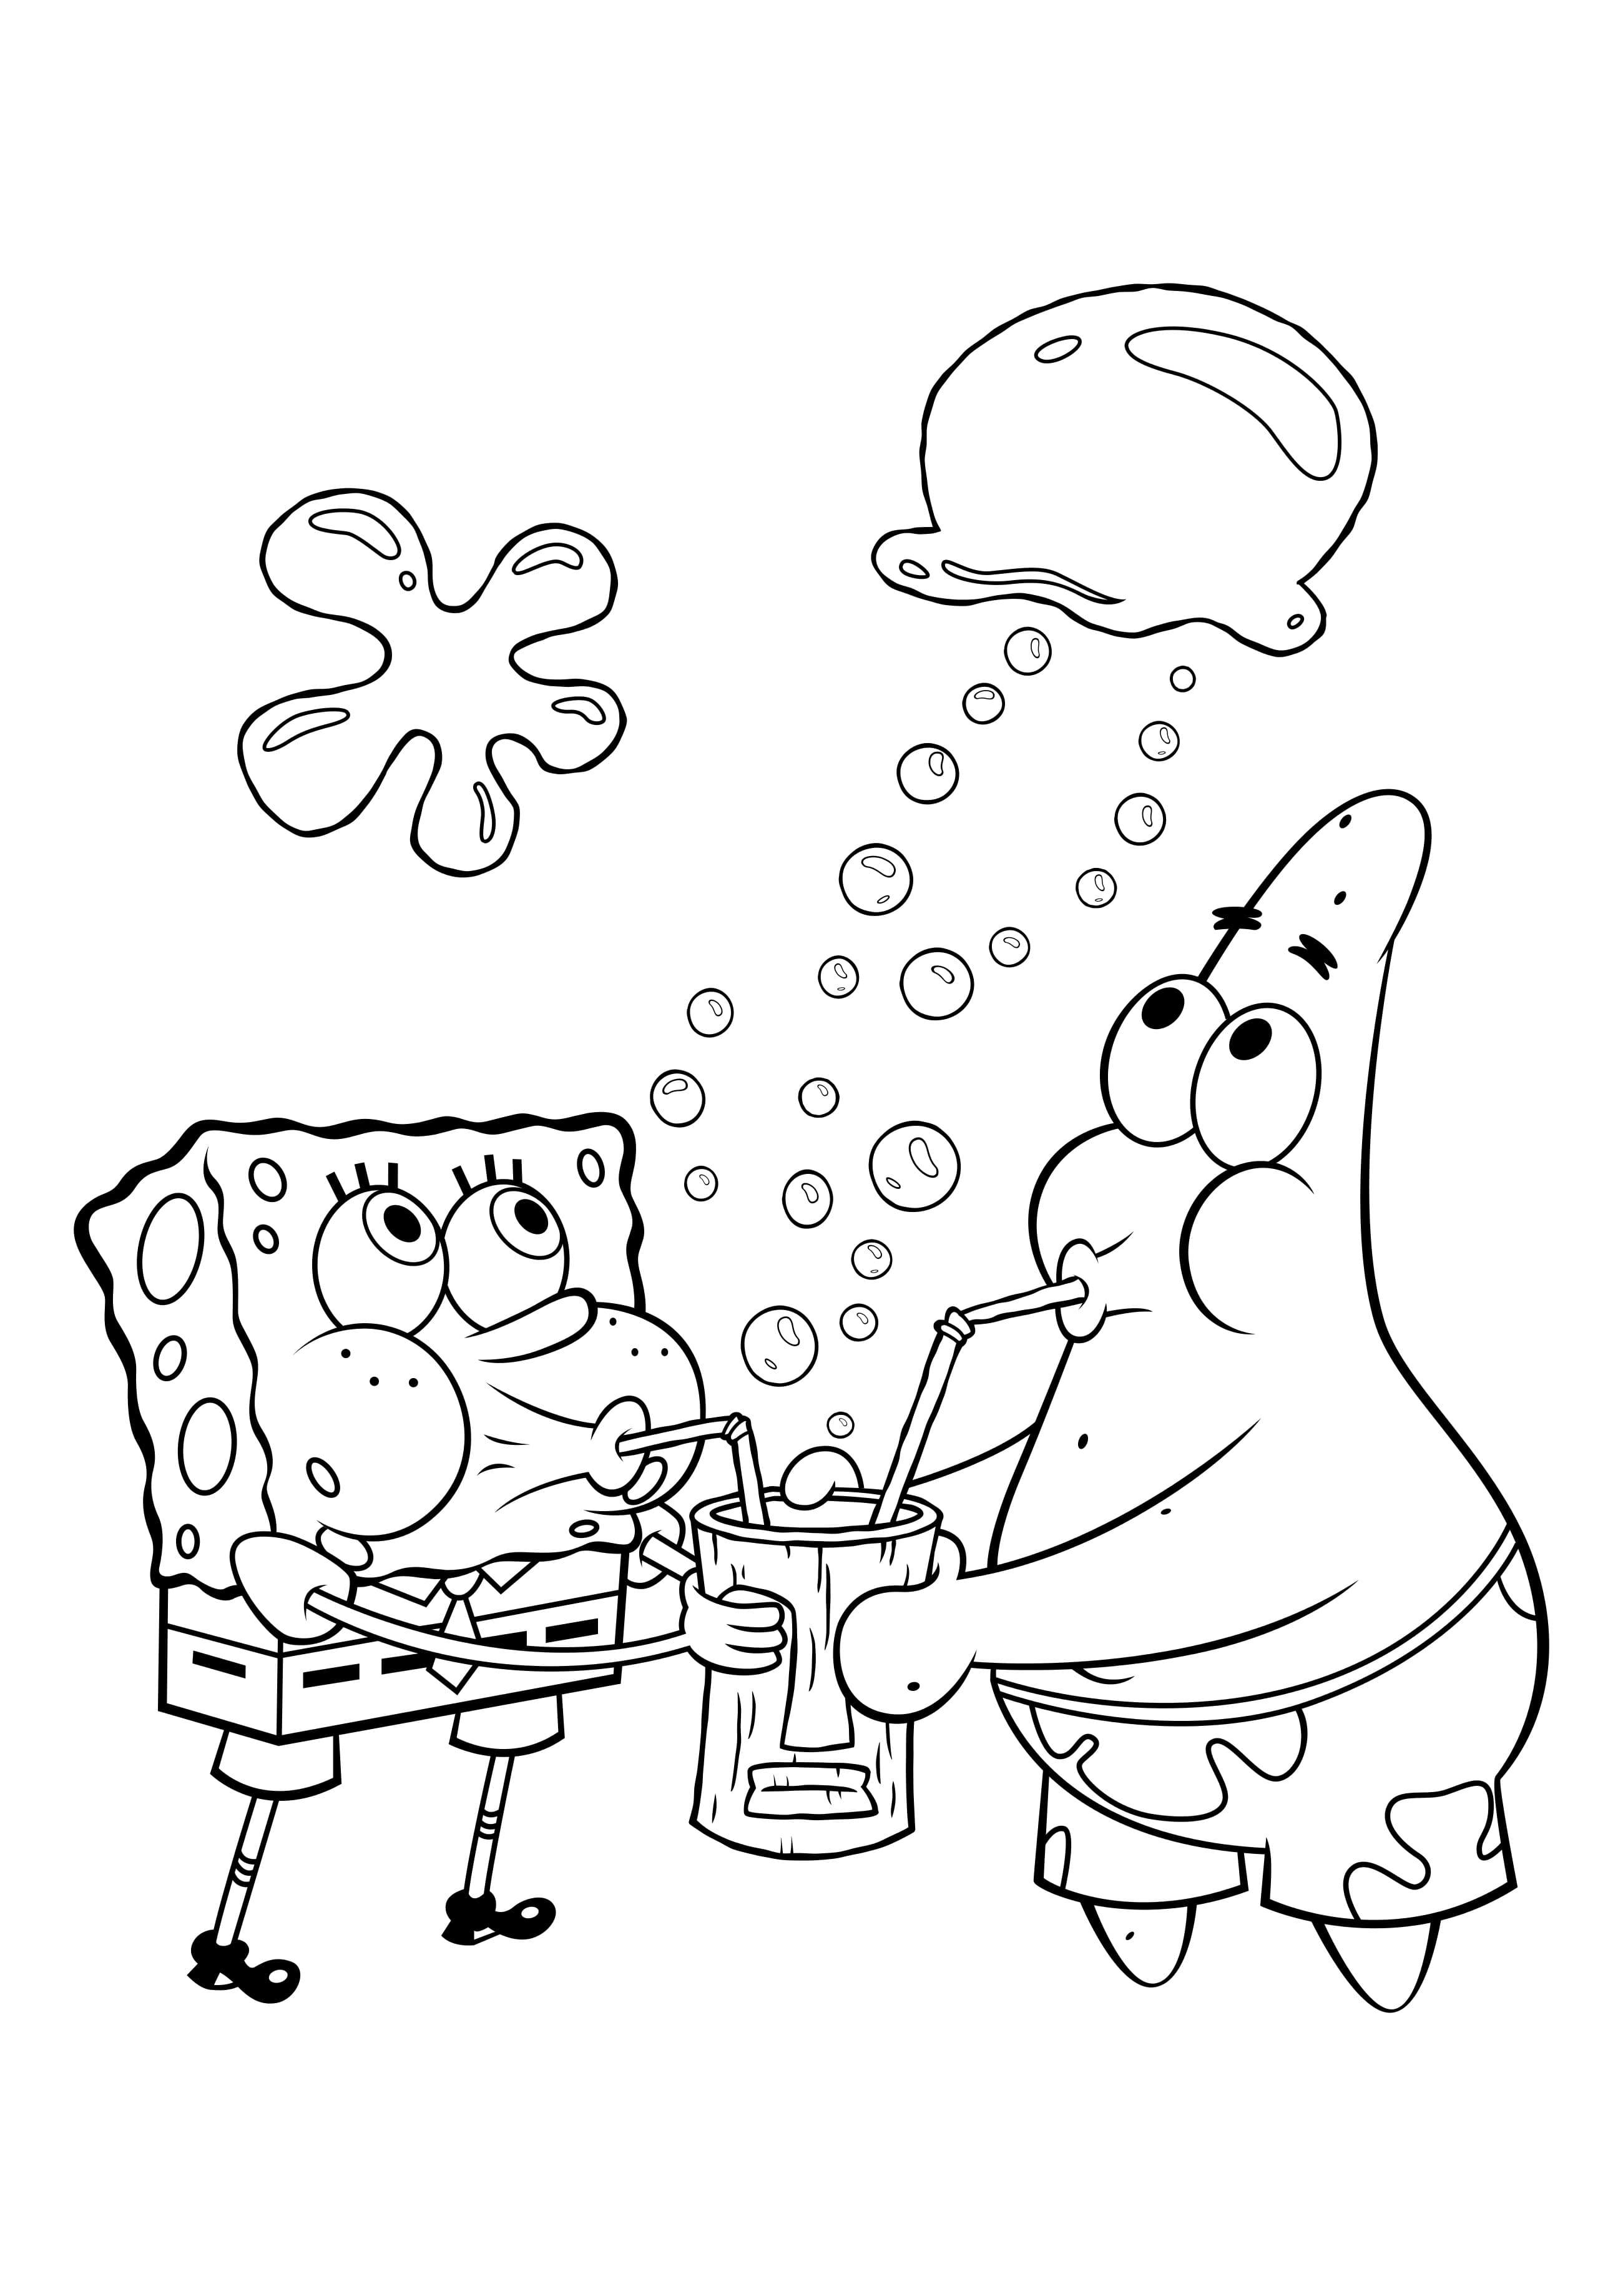 Картинки, картинки спанч боба и его друзей для срисовки